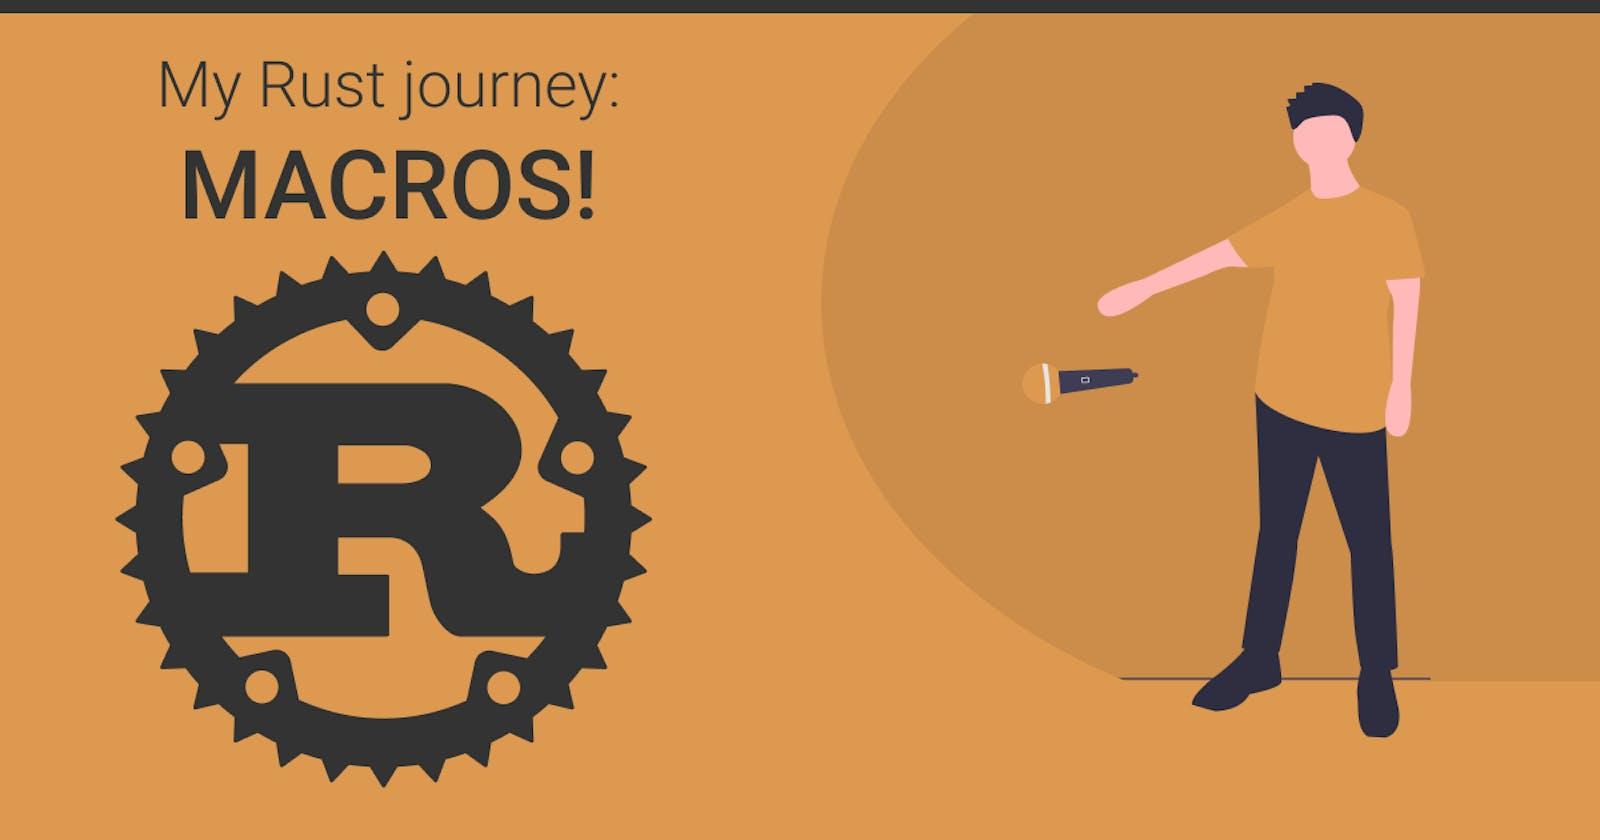 My Rust journey: Macros!